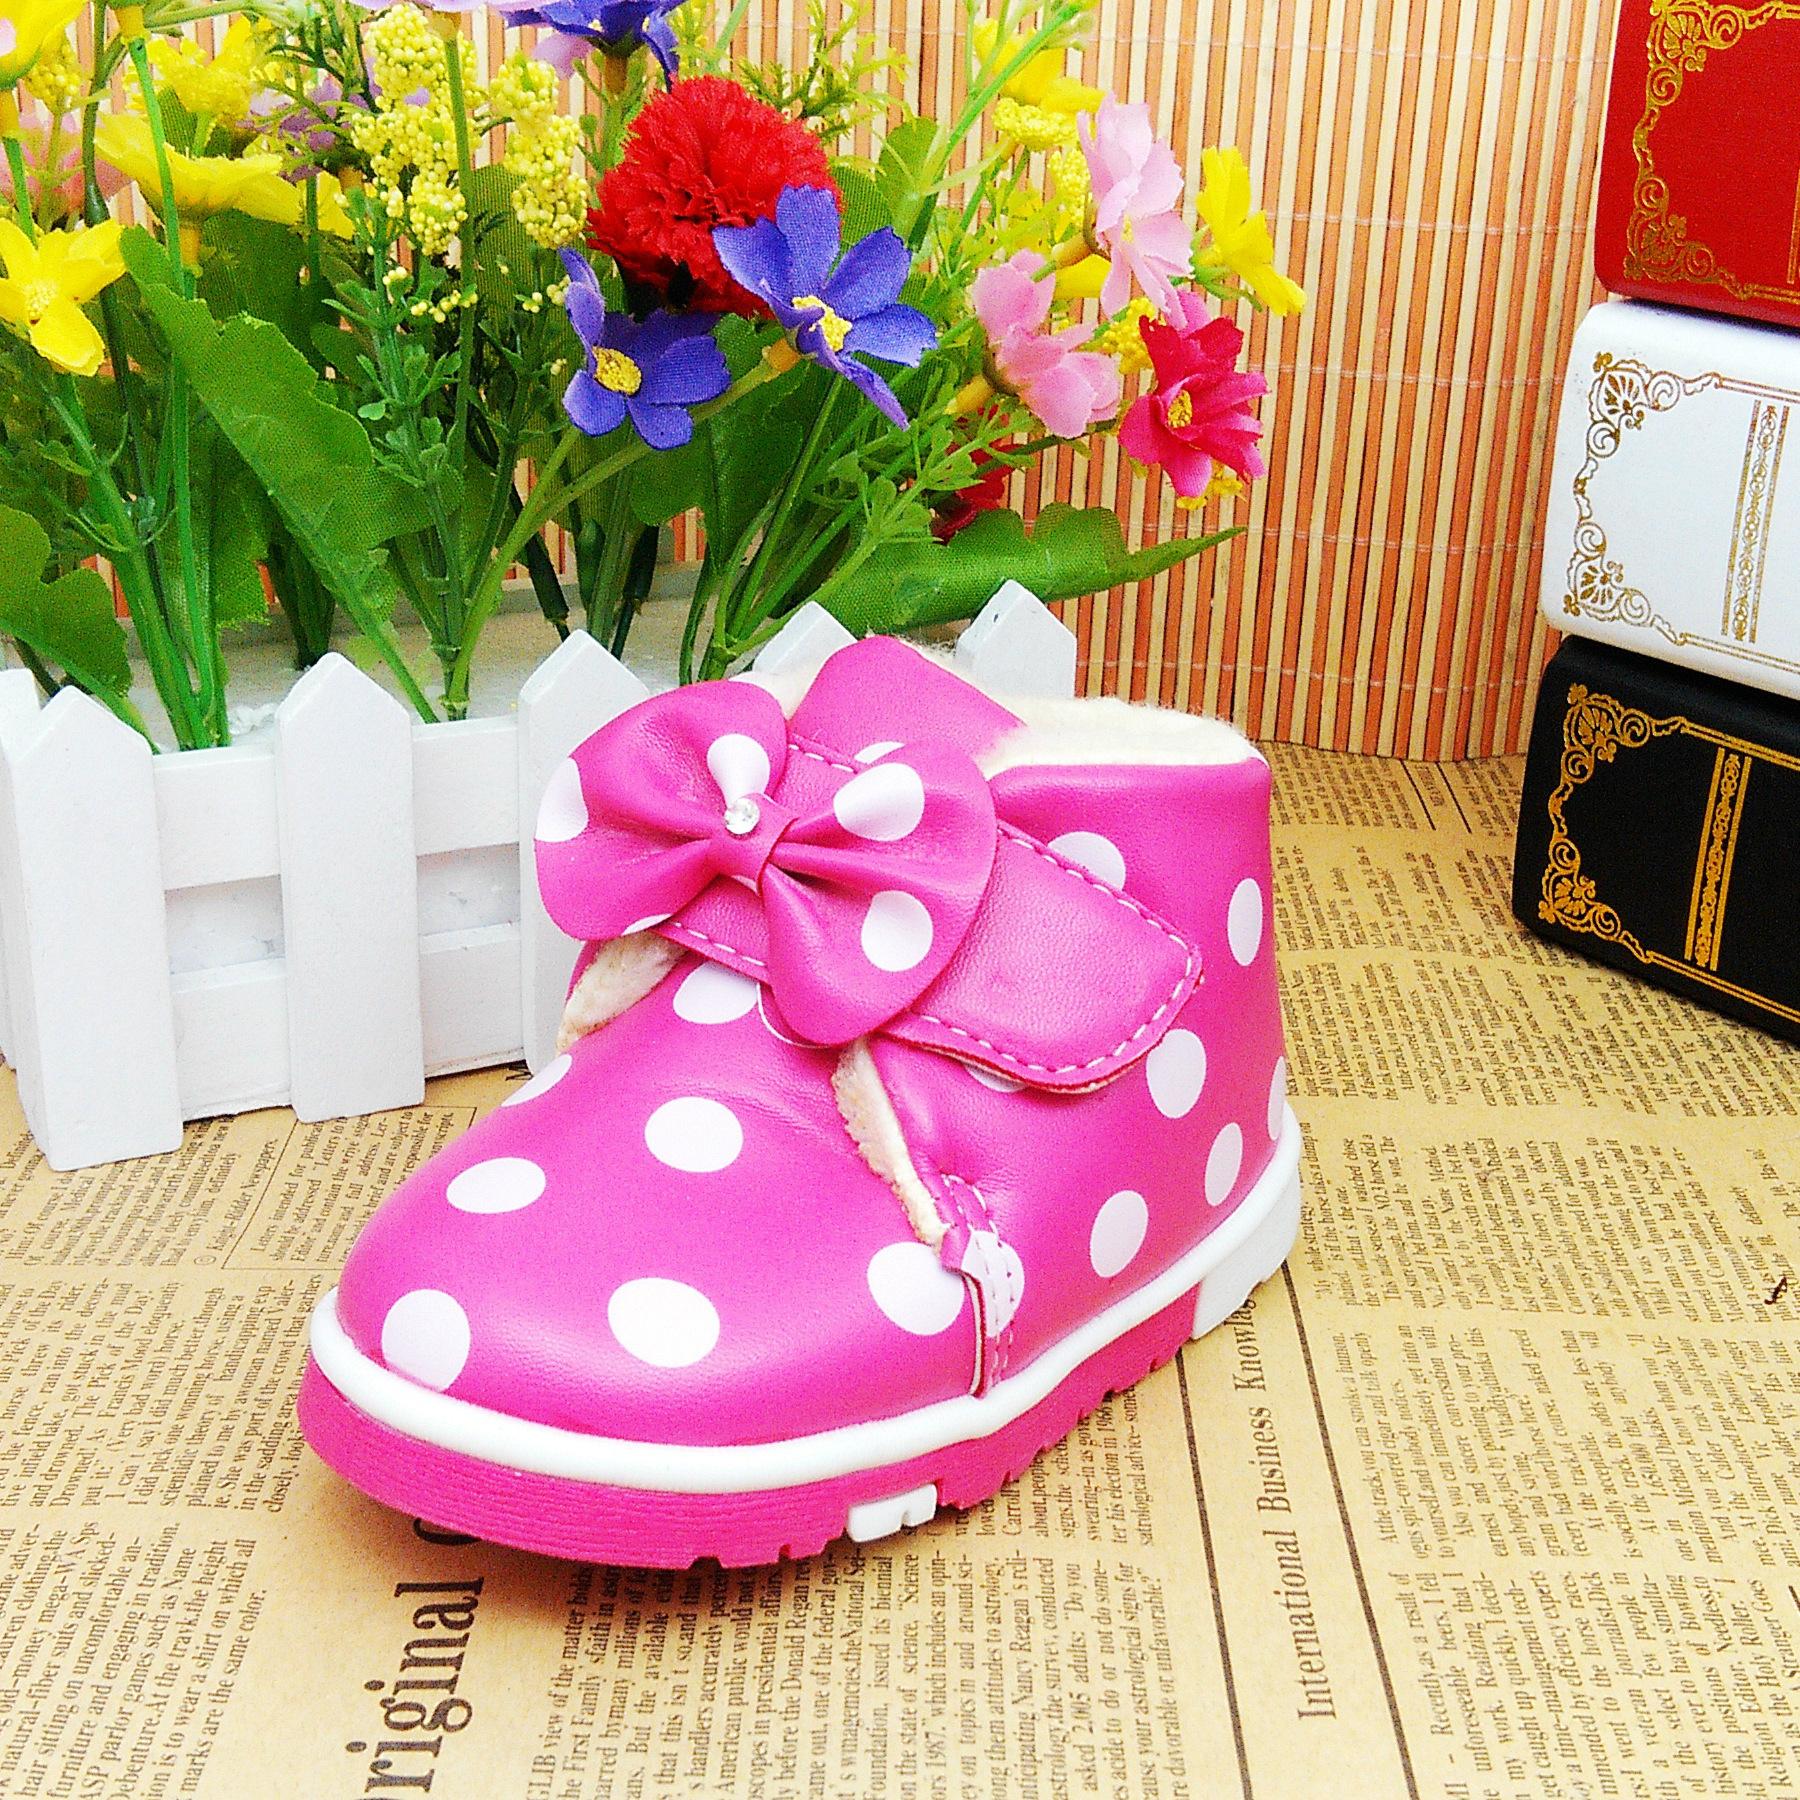 婴儿棉鞋的做法与图解